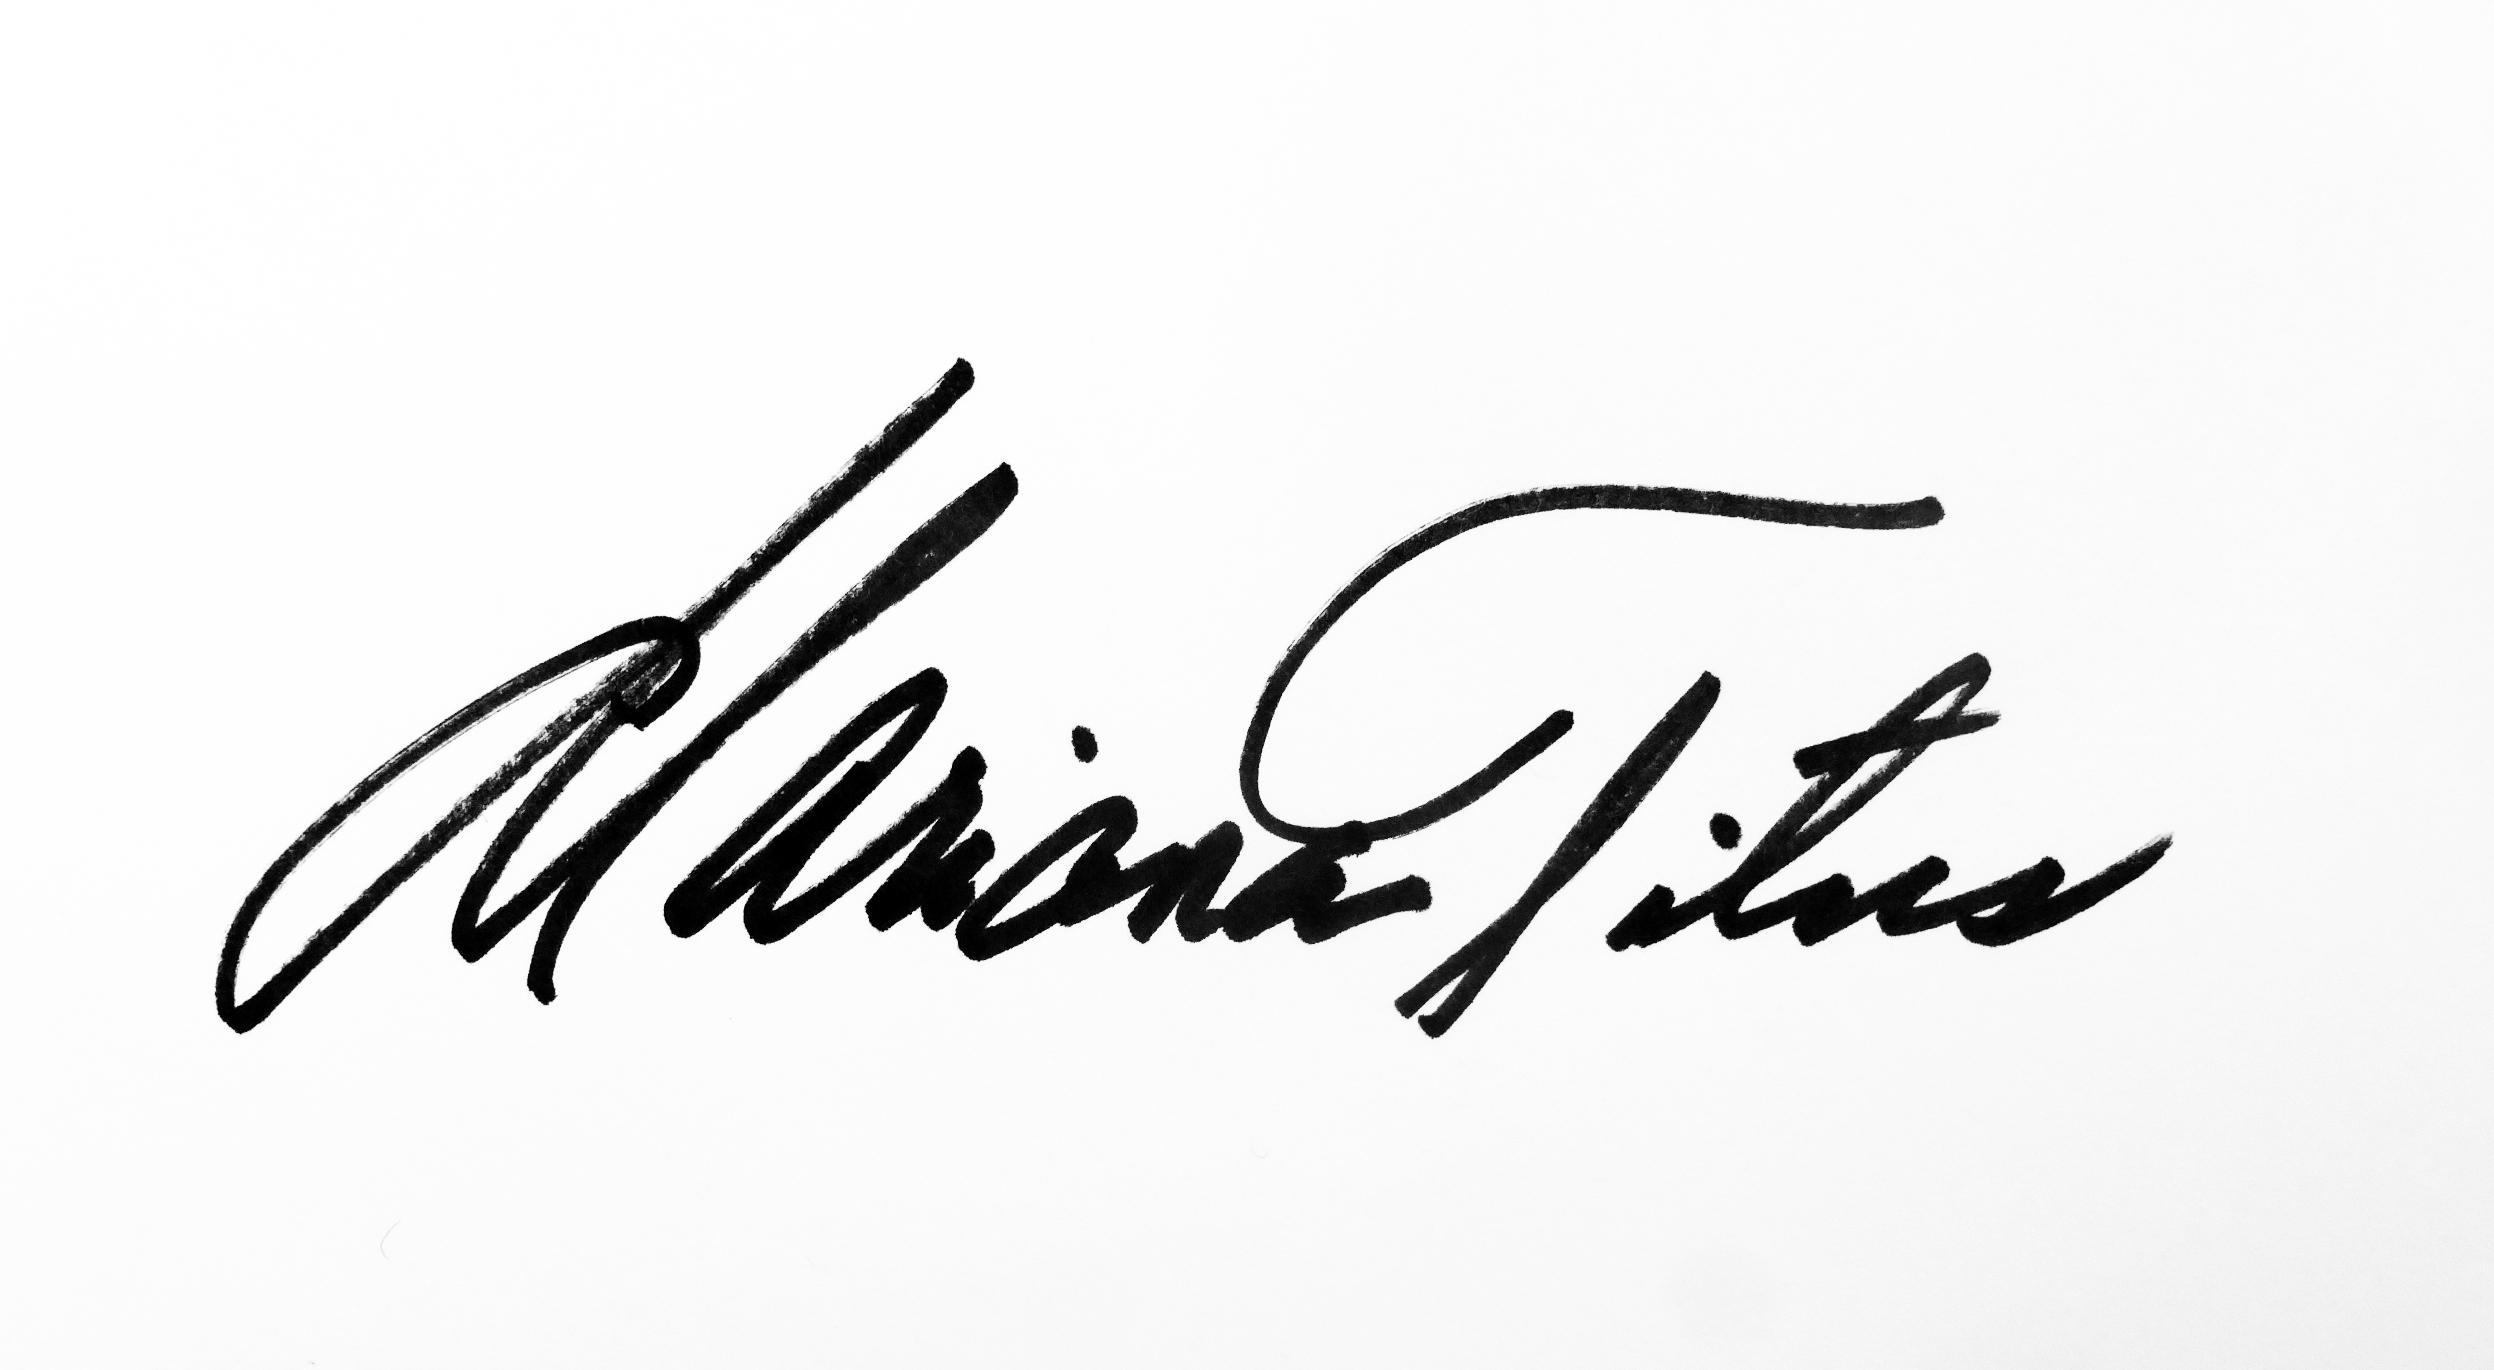 Mariana  Titus Signature